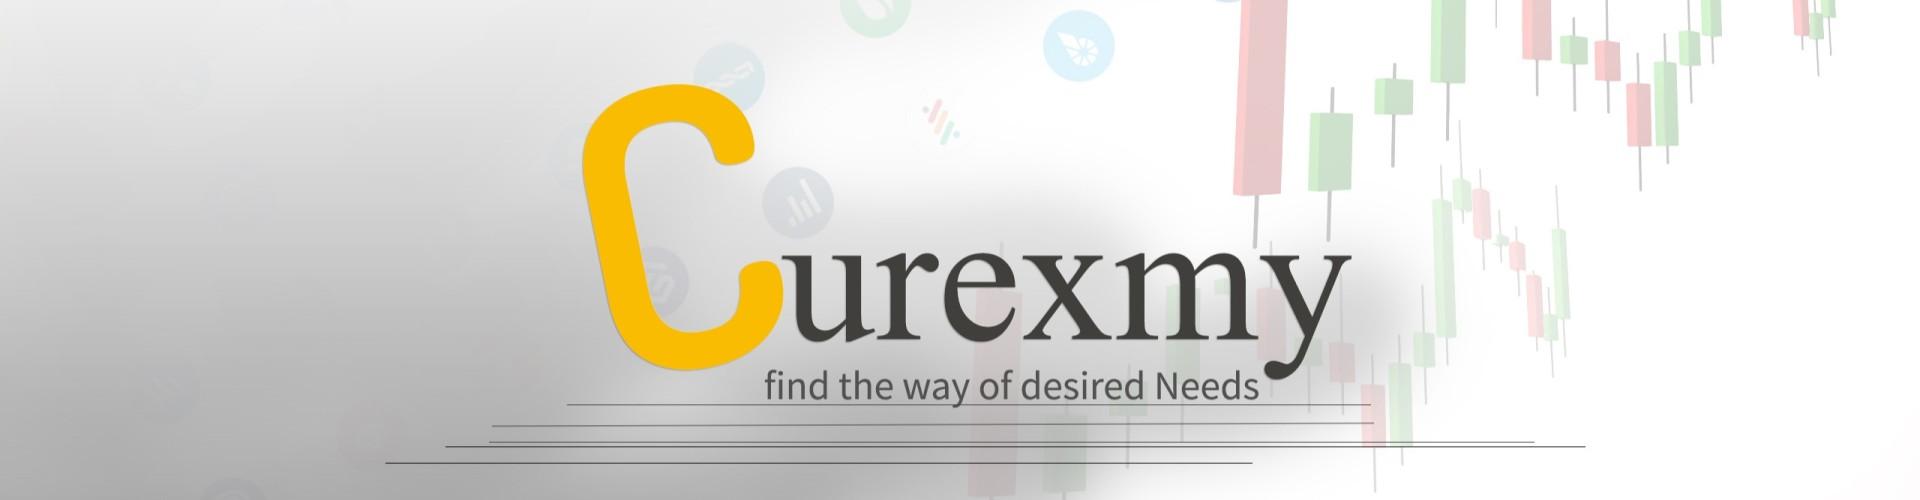 Curexmy